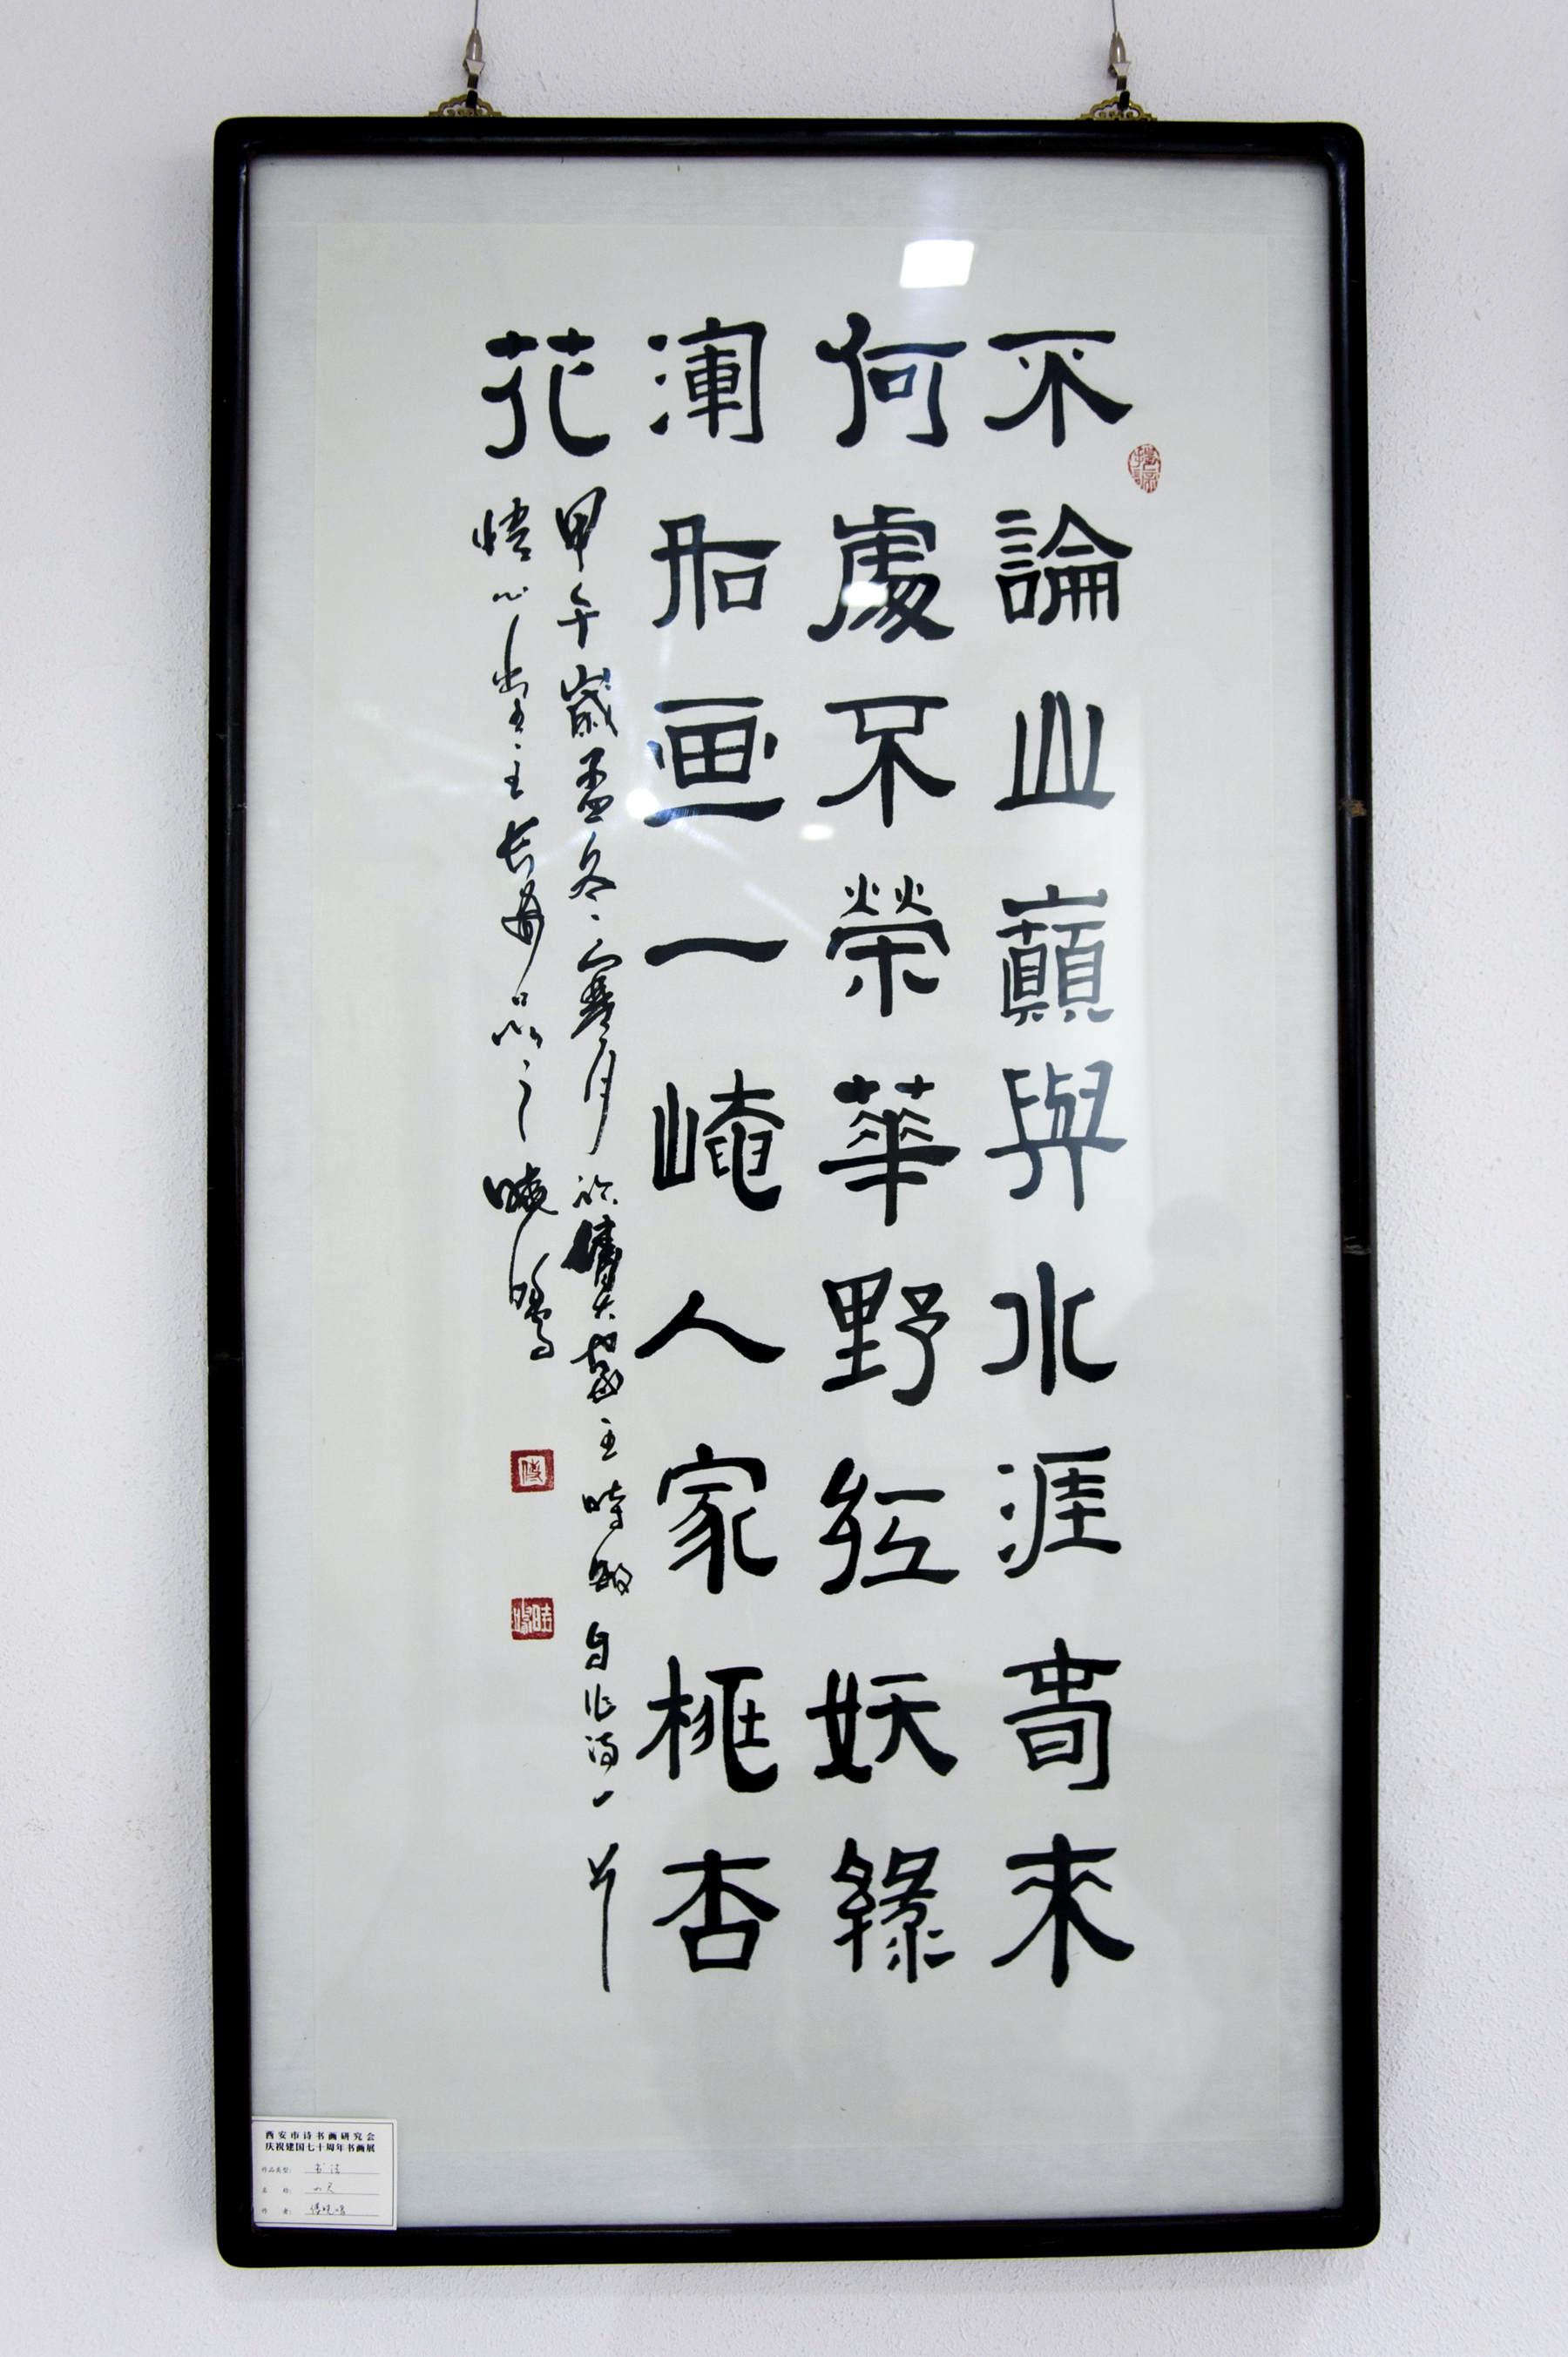 西安市诗书画研究会庆祝建国70周年书画展在汉城湖大风阁隆重开展